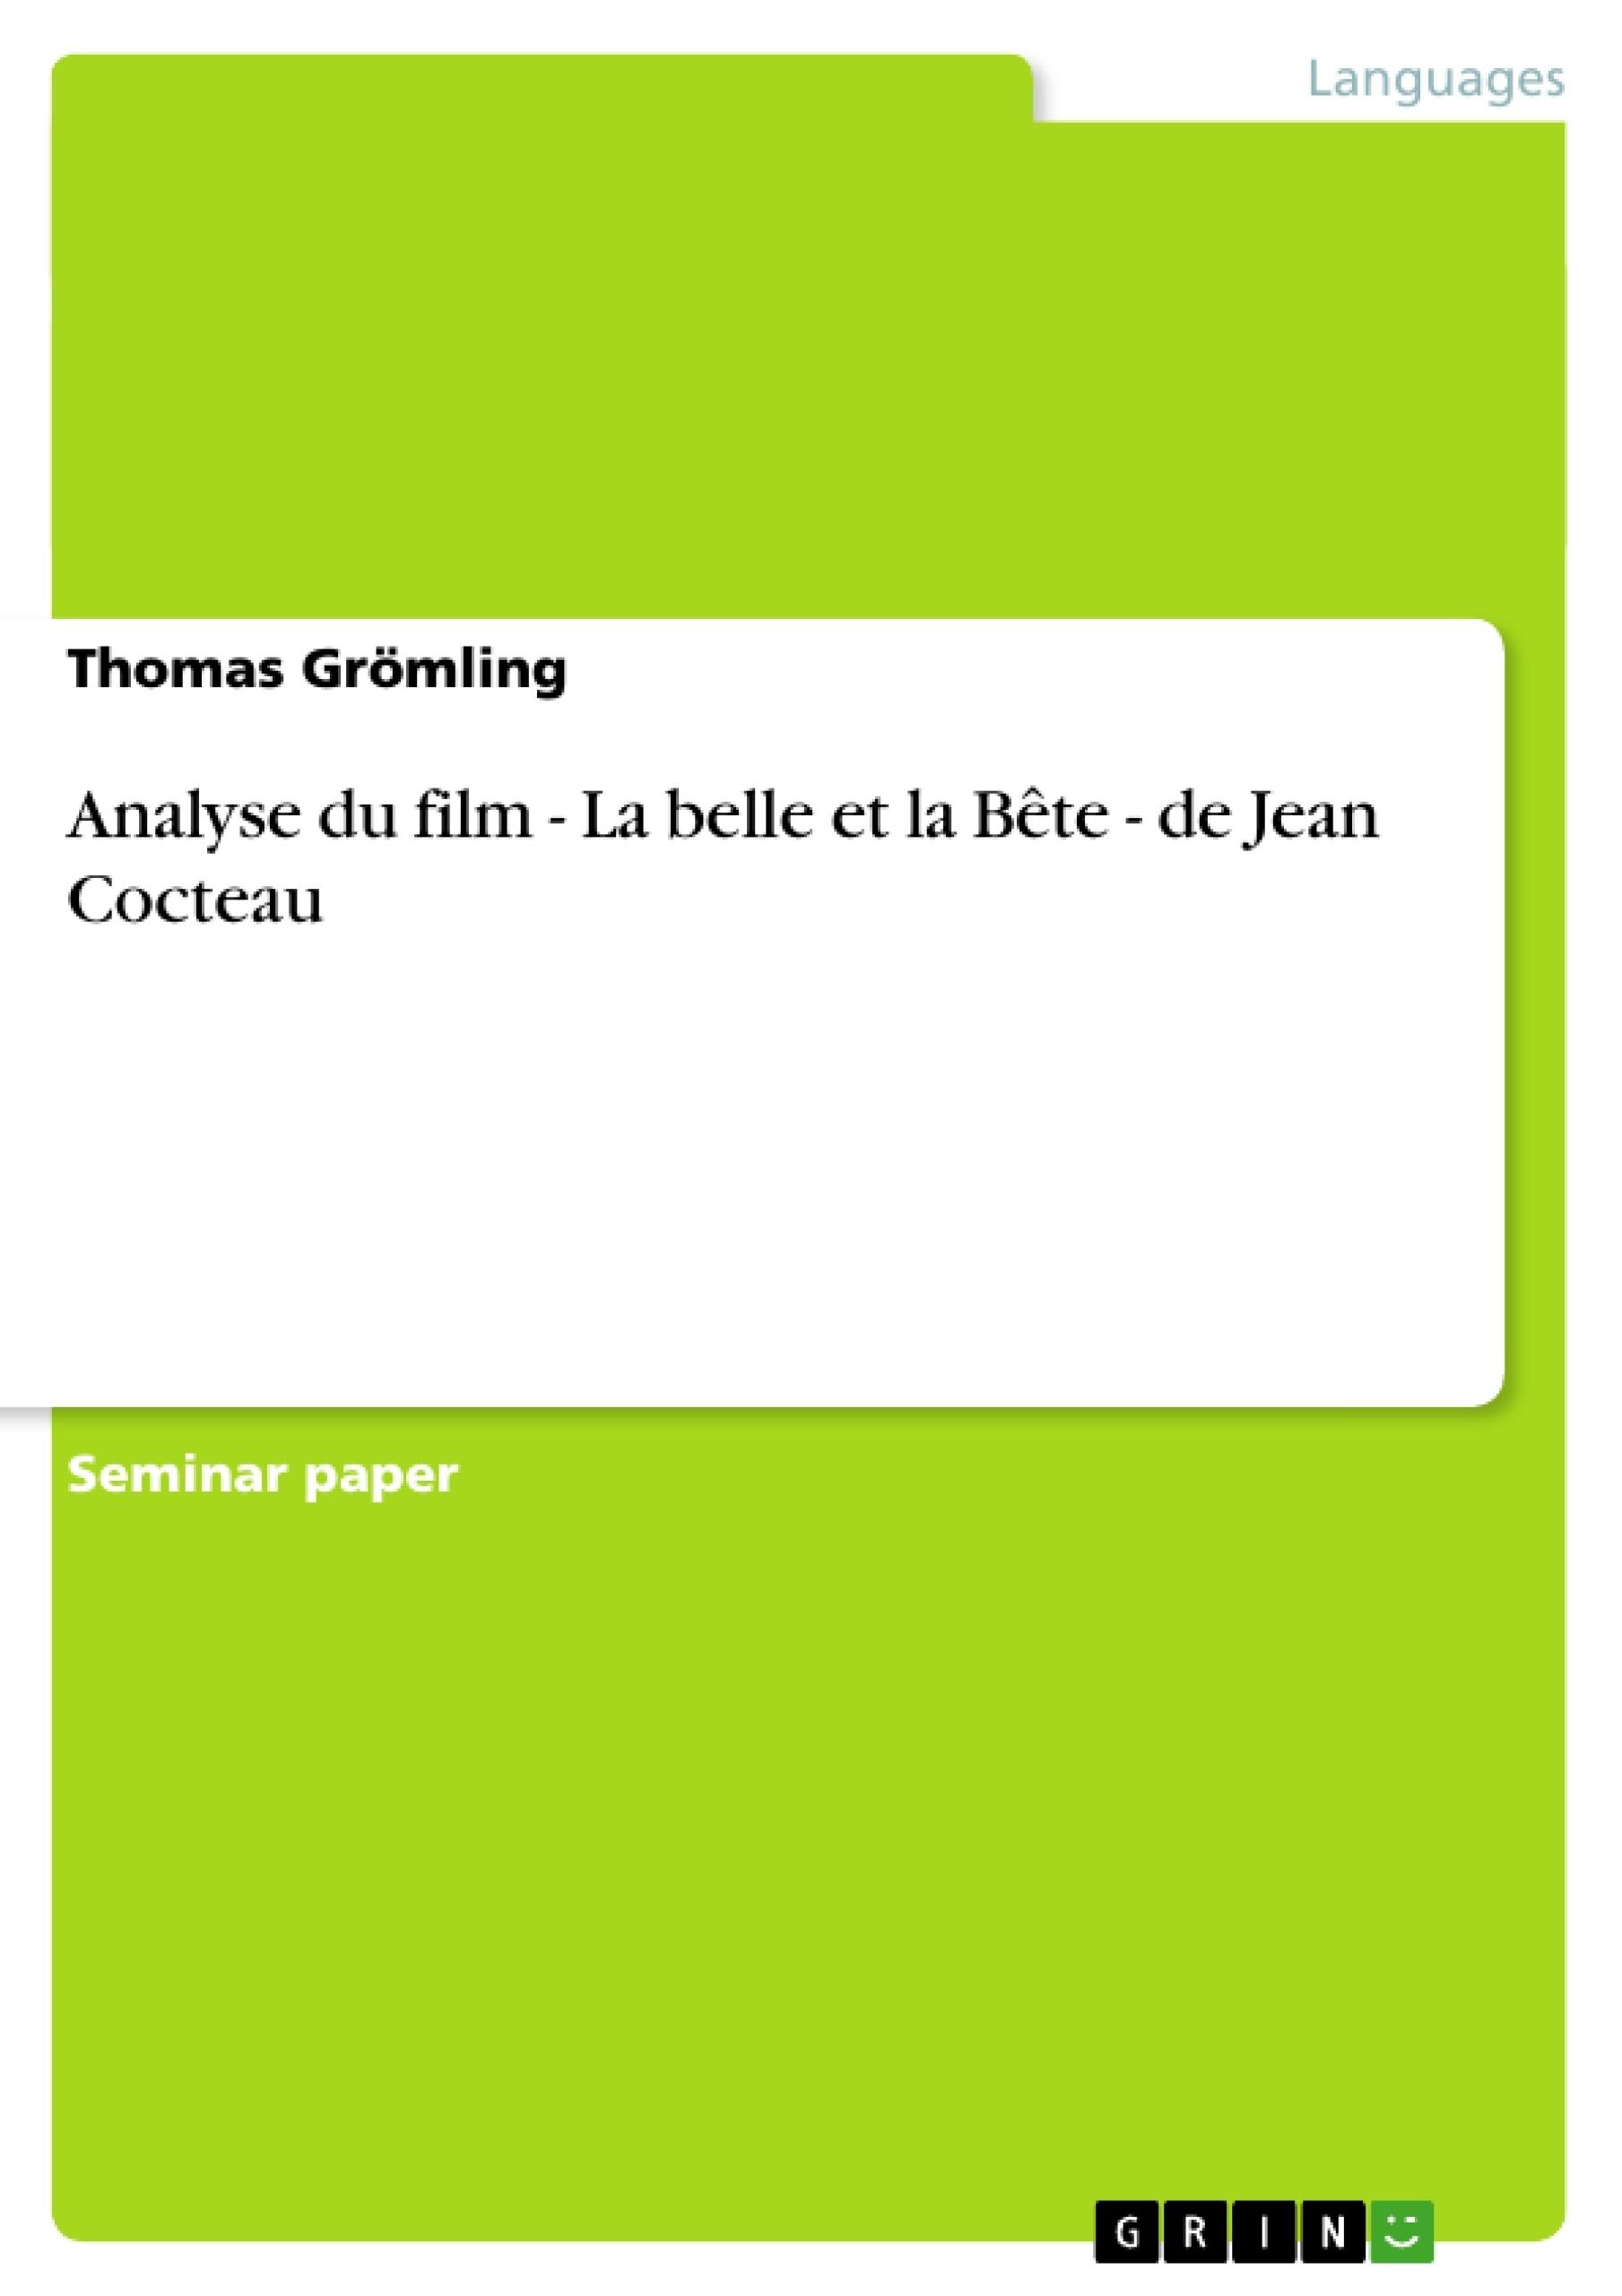 Titre: Analyse du film - La belle et la Bête - de Jean Cocteau